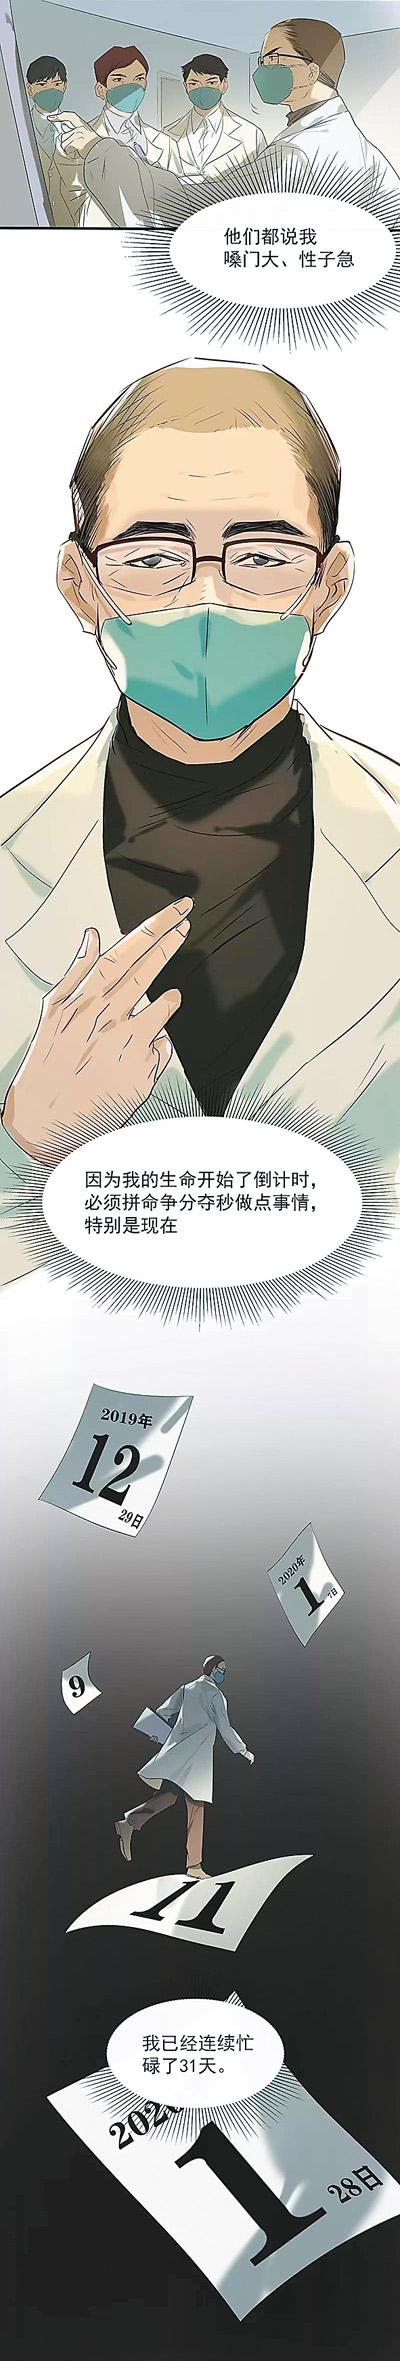 """漫画燃暖也抗疫(中国战""""疫""""系列报道(16))"""